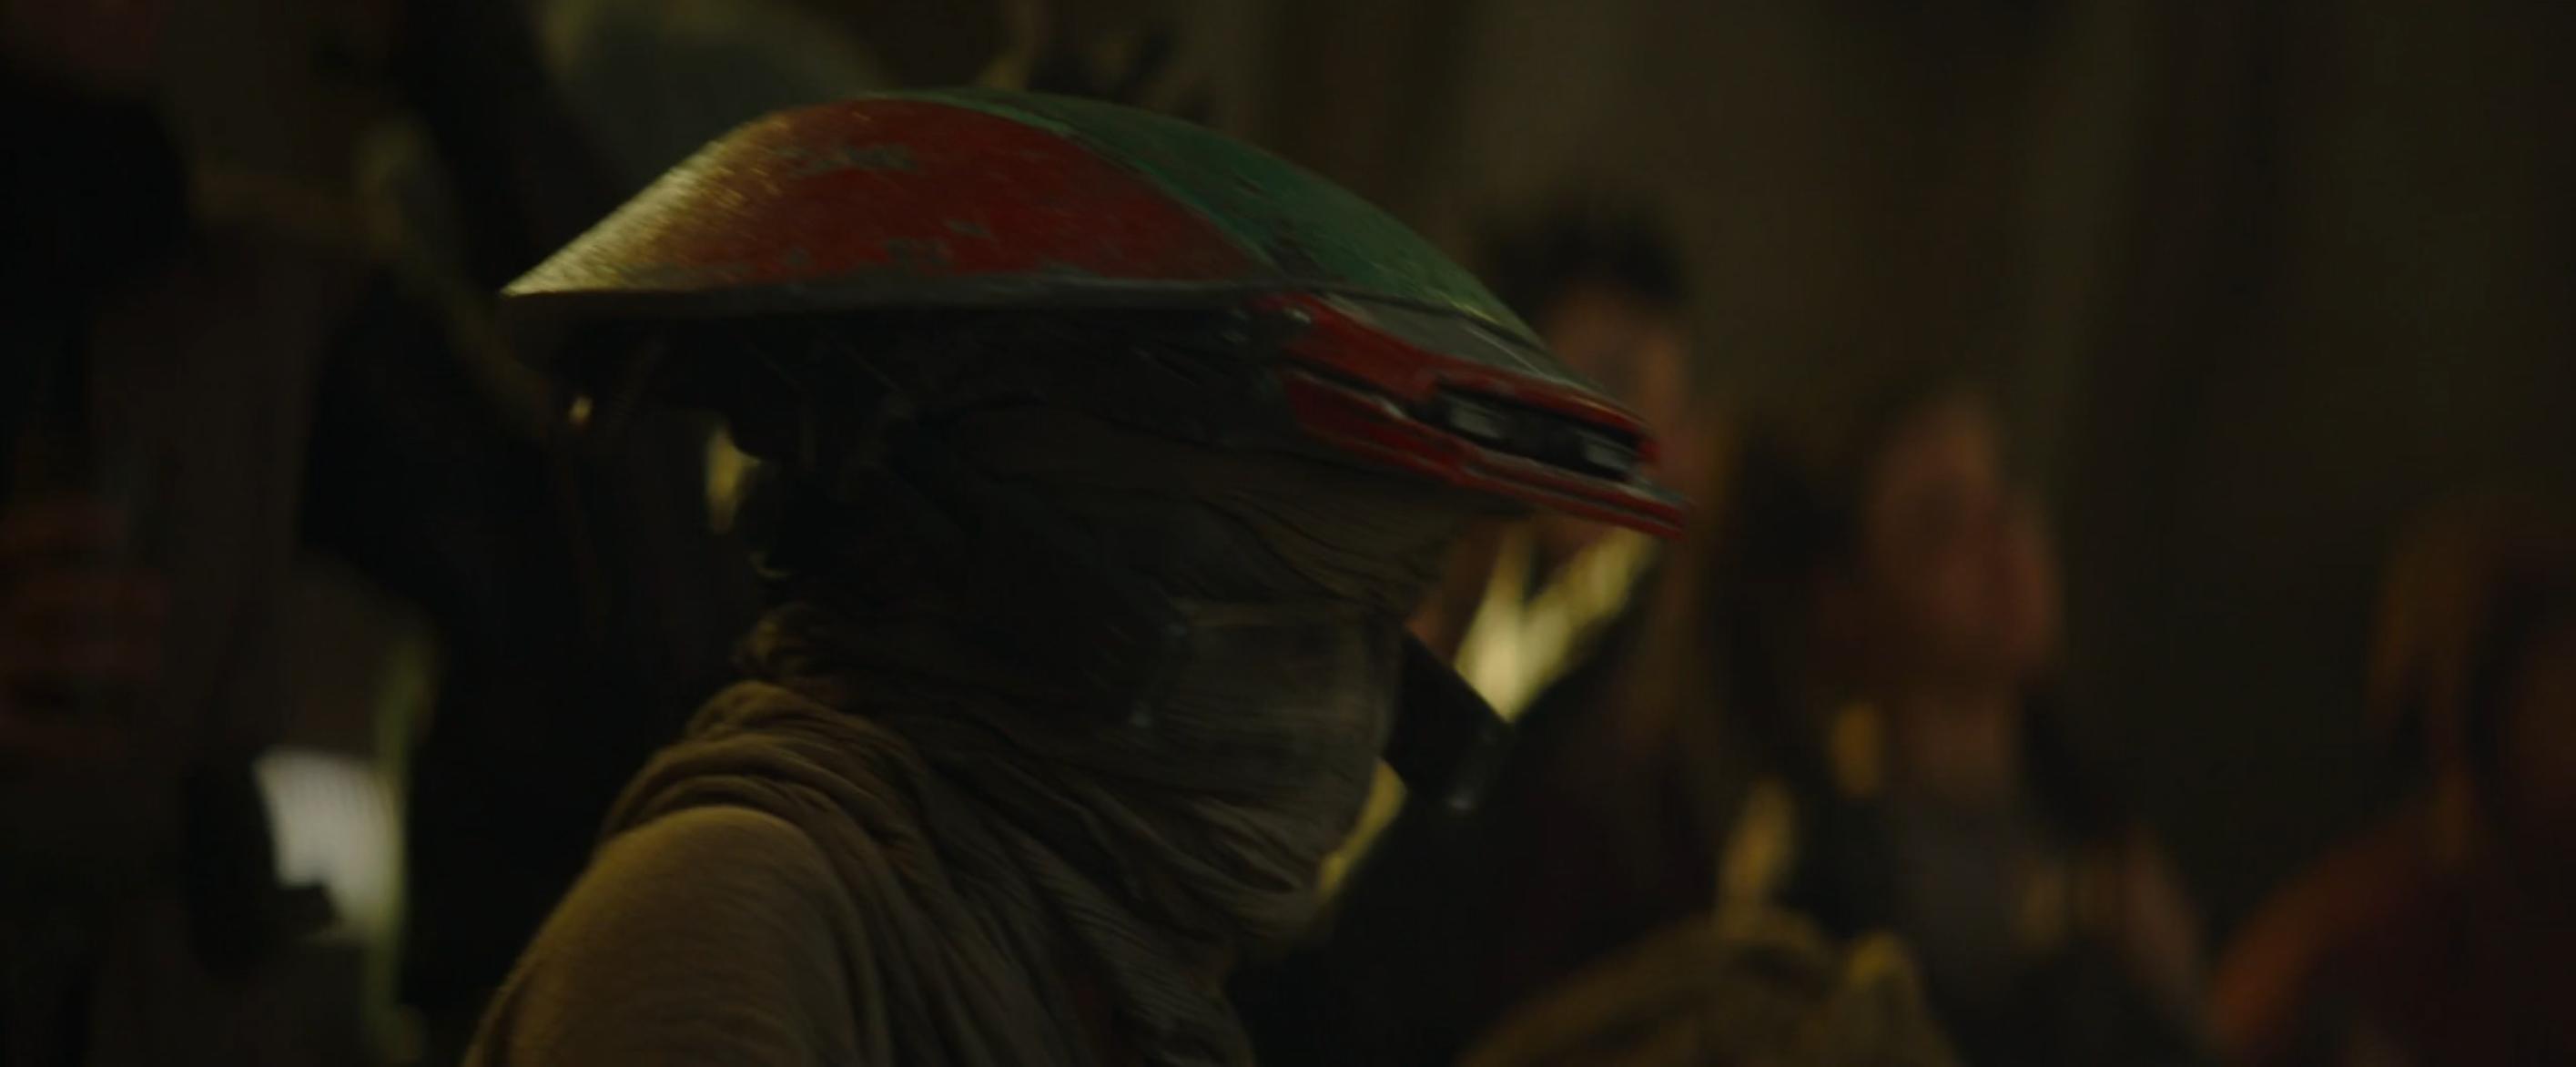 The Mandalorian S2 : une référence au Réveil de la Force s'est glissée dans le premier épisode